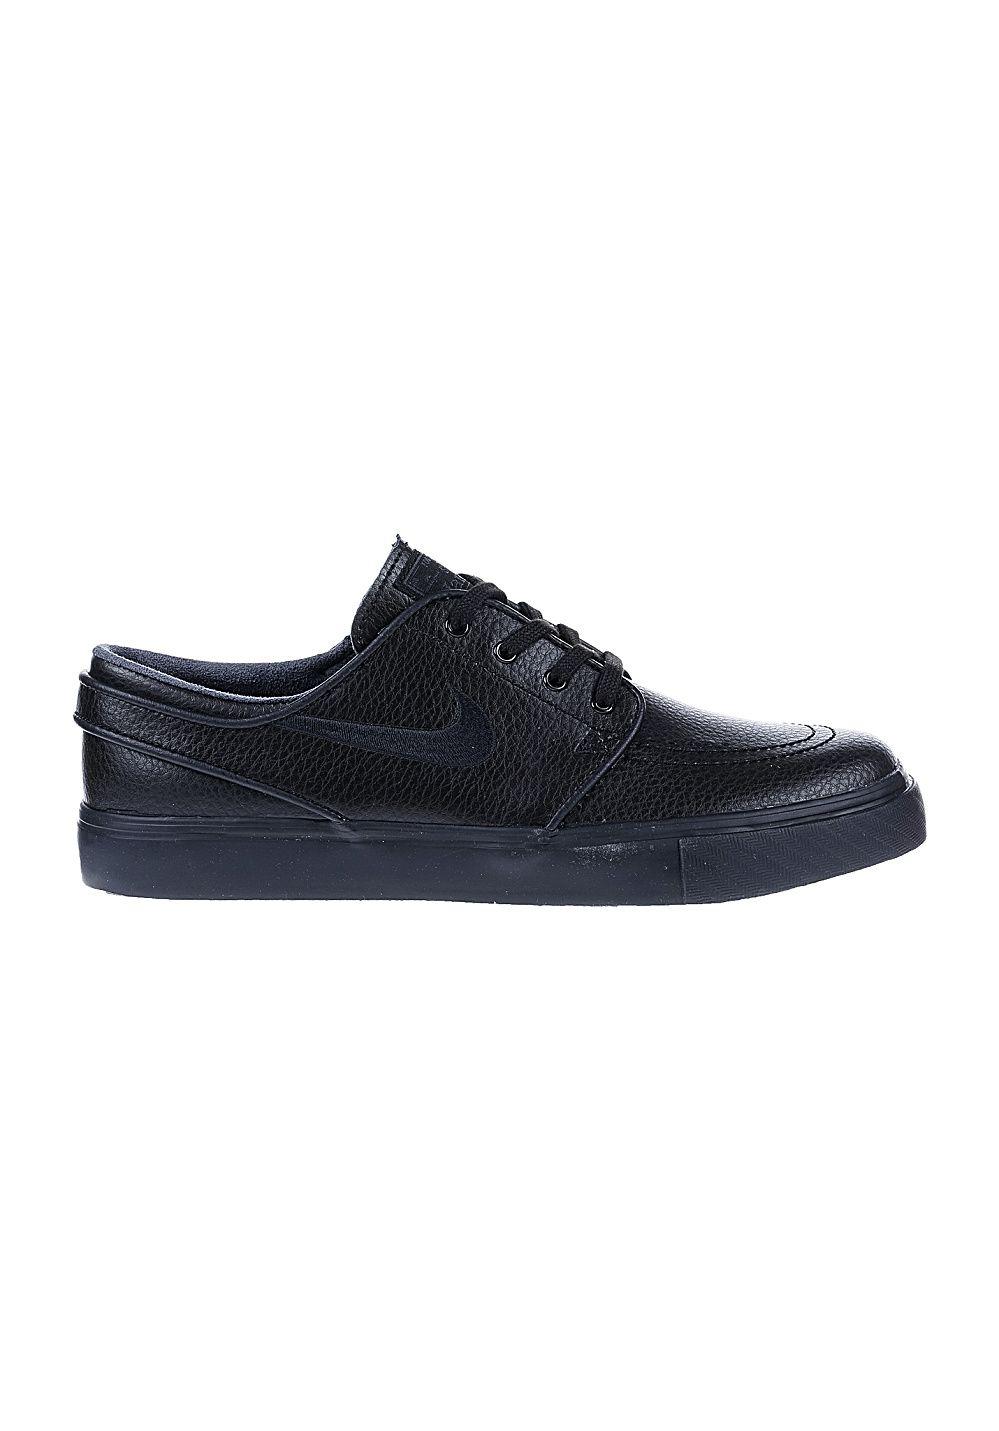 16a8e30a1ef Nike SB Zoom Stefan Janoski L - Baskets pour Homme - Noir ...